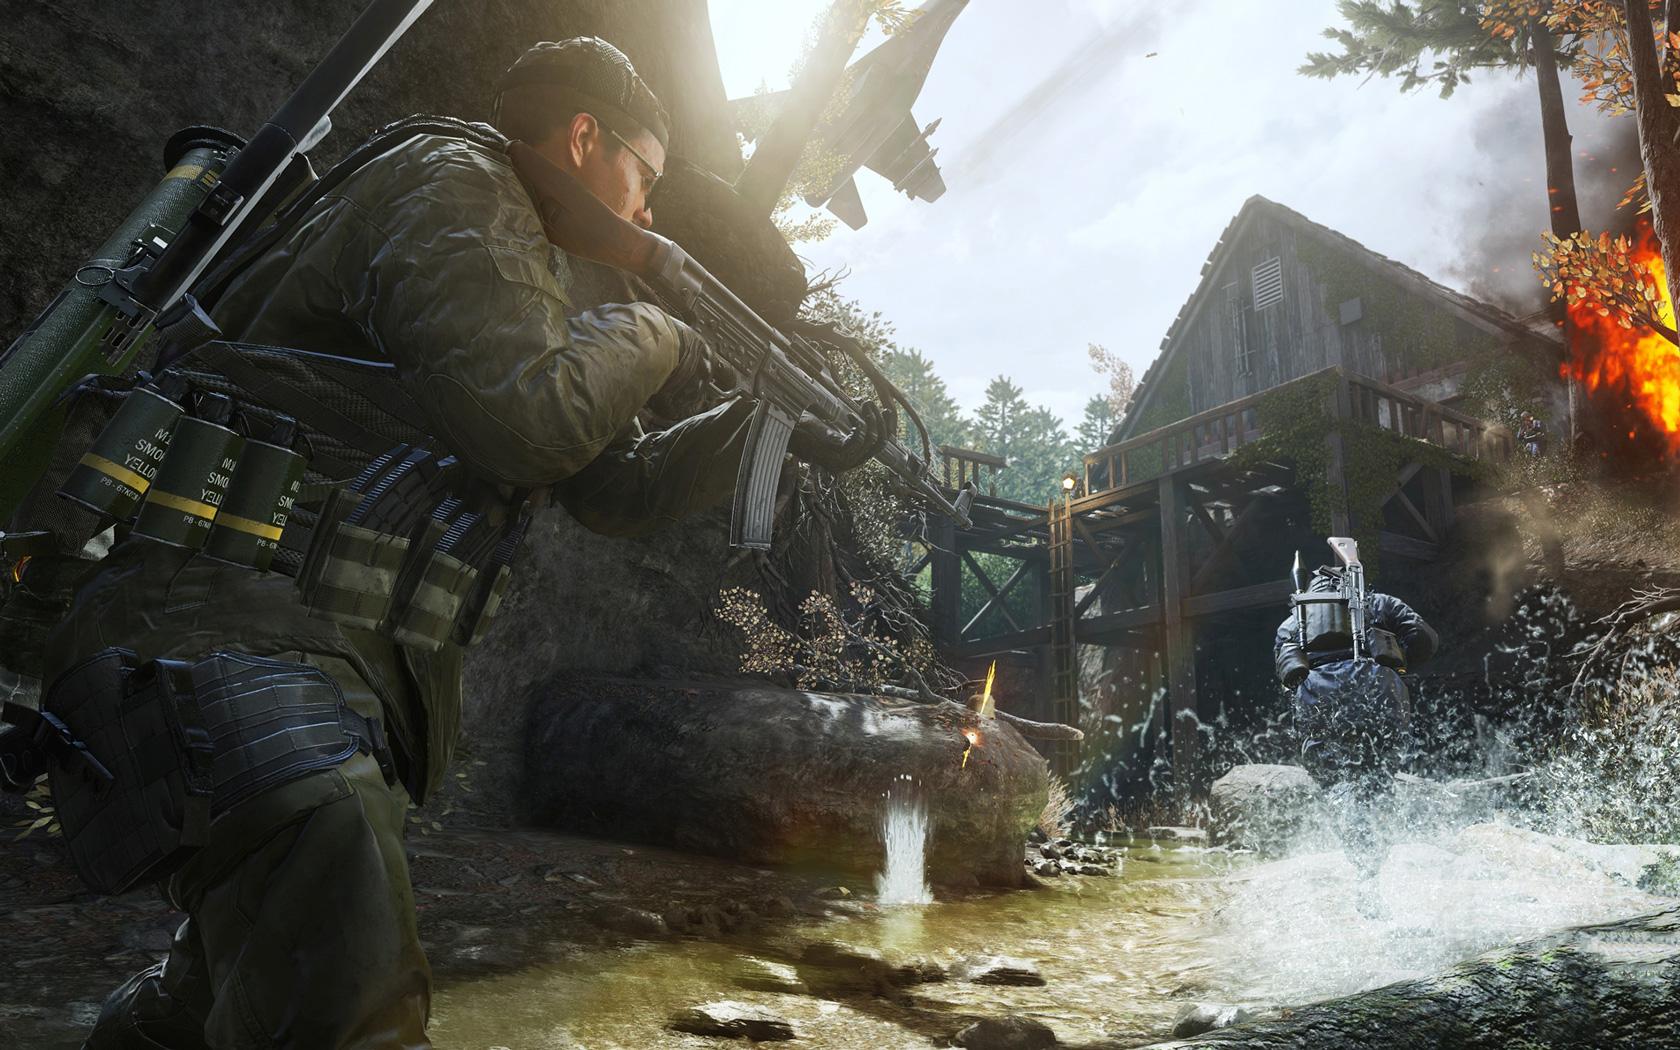 Free Call of Duty: Modern Warfare Wallpaper in 1680x1050